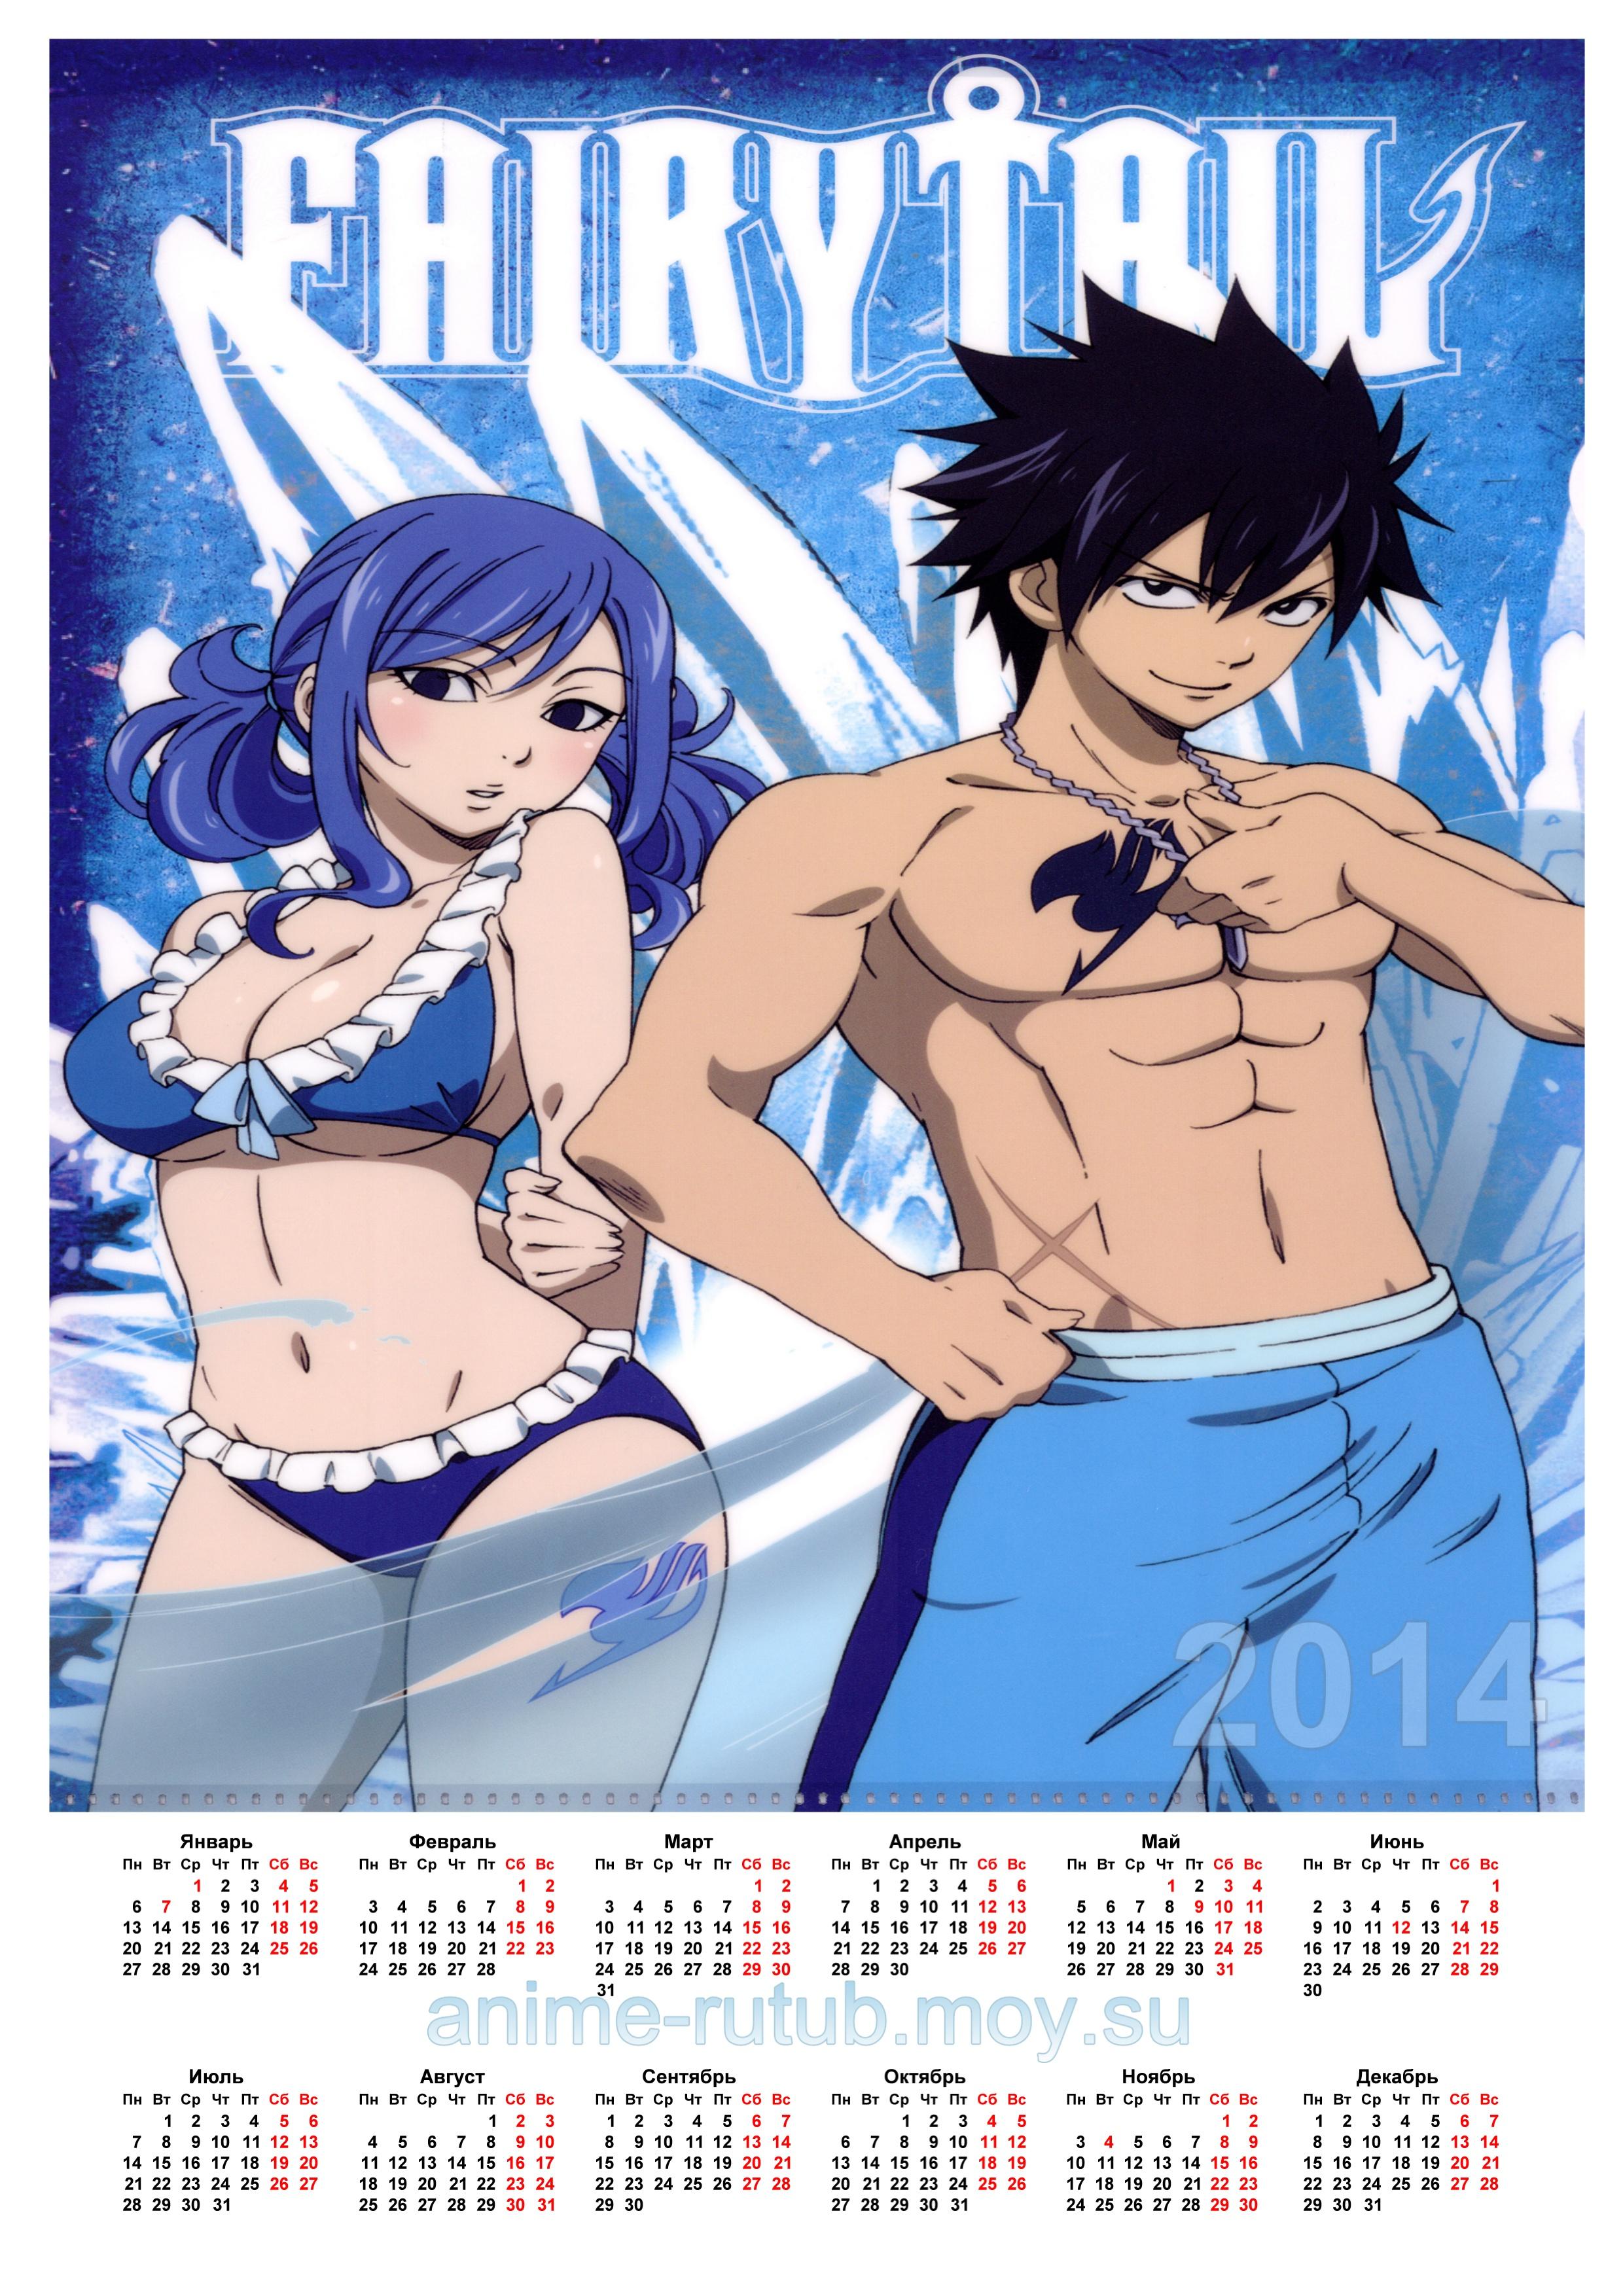 аниме календарь на 2014 год с Греем и Джувией из аниме Fairy Tail